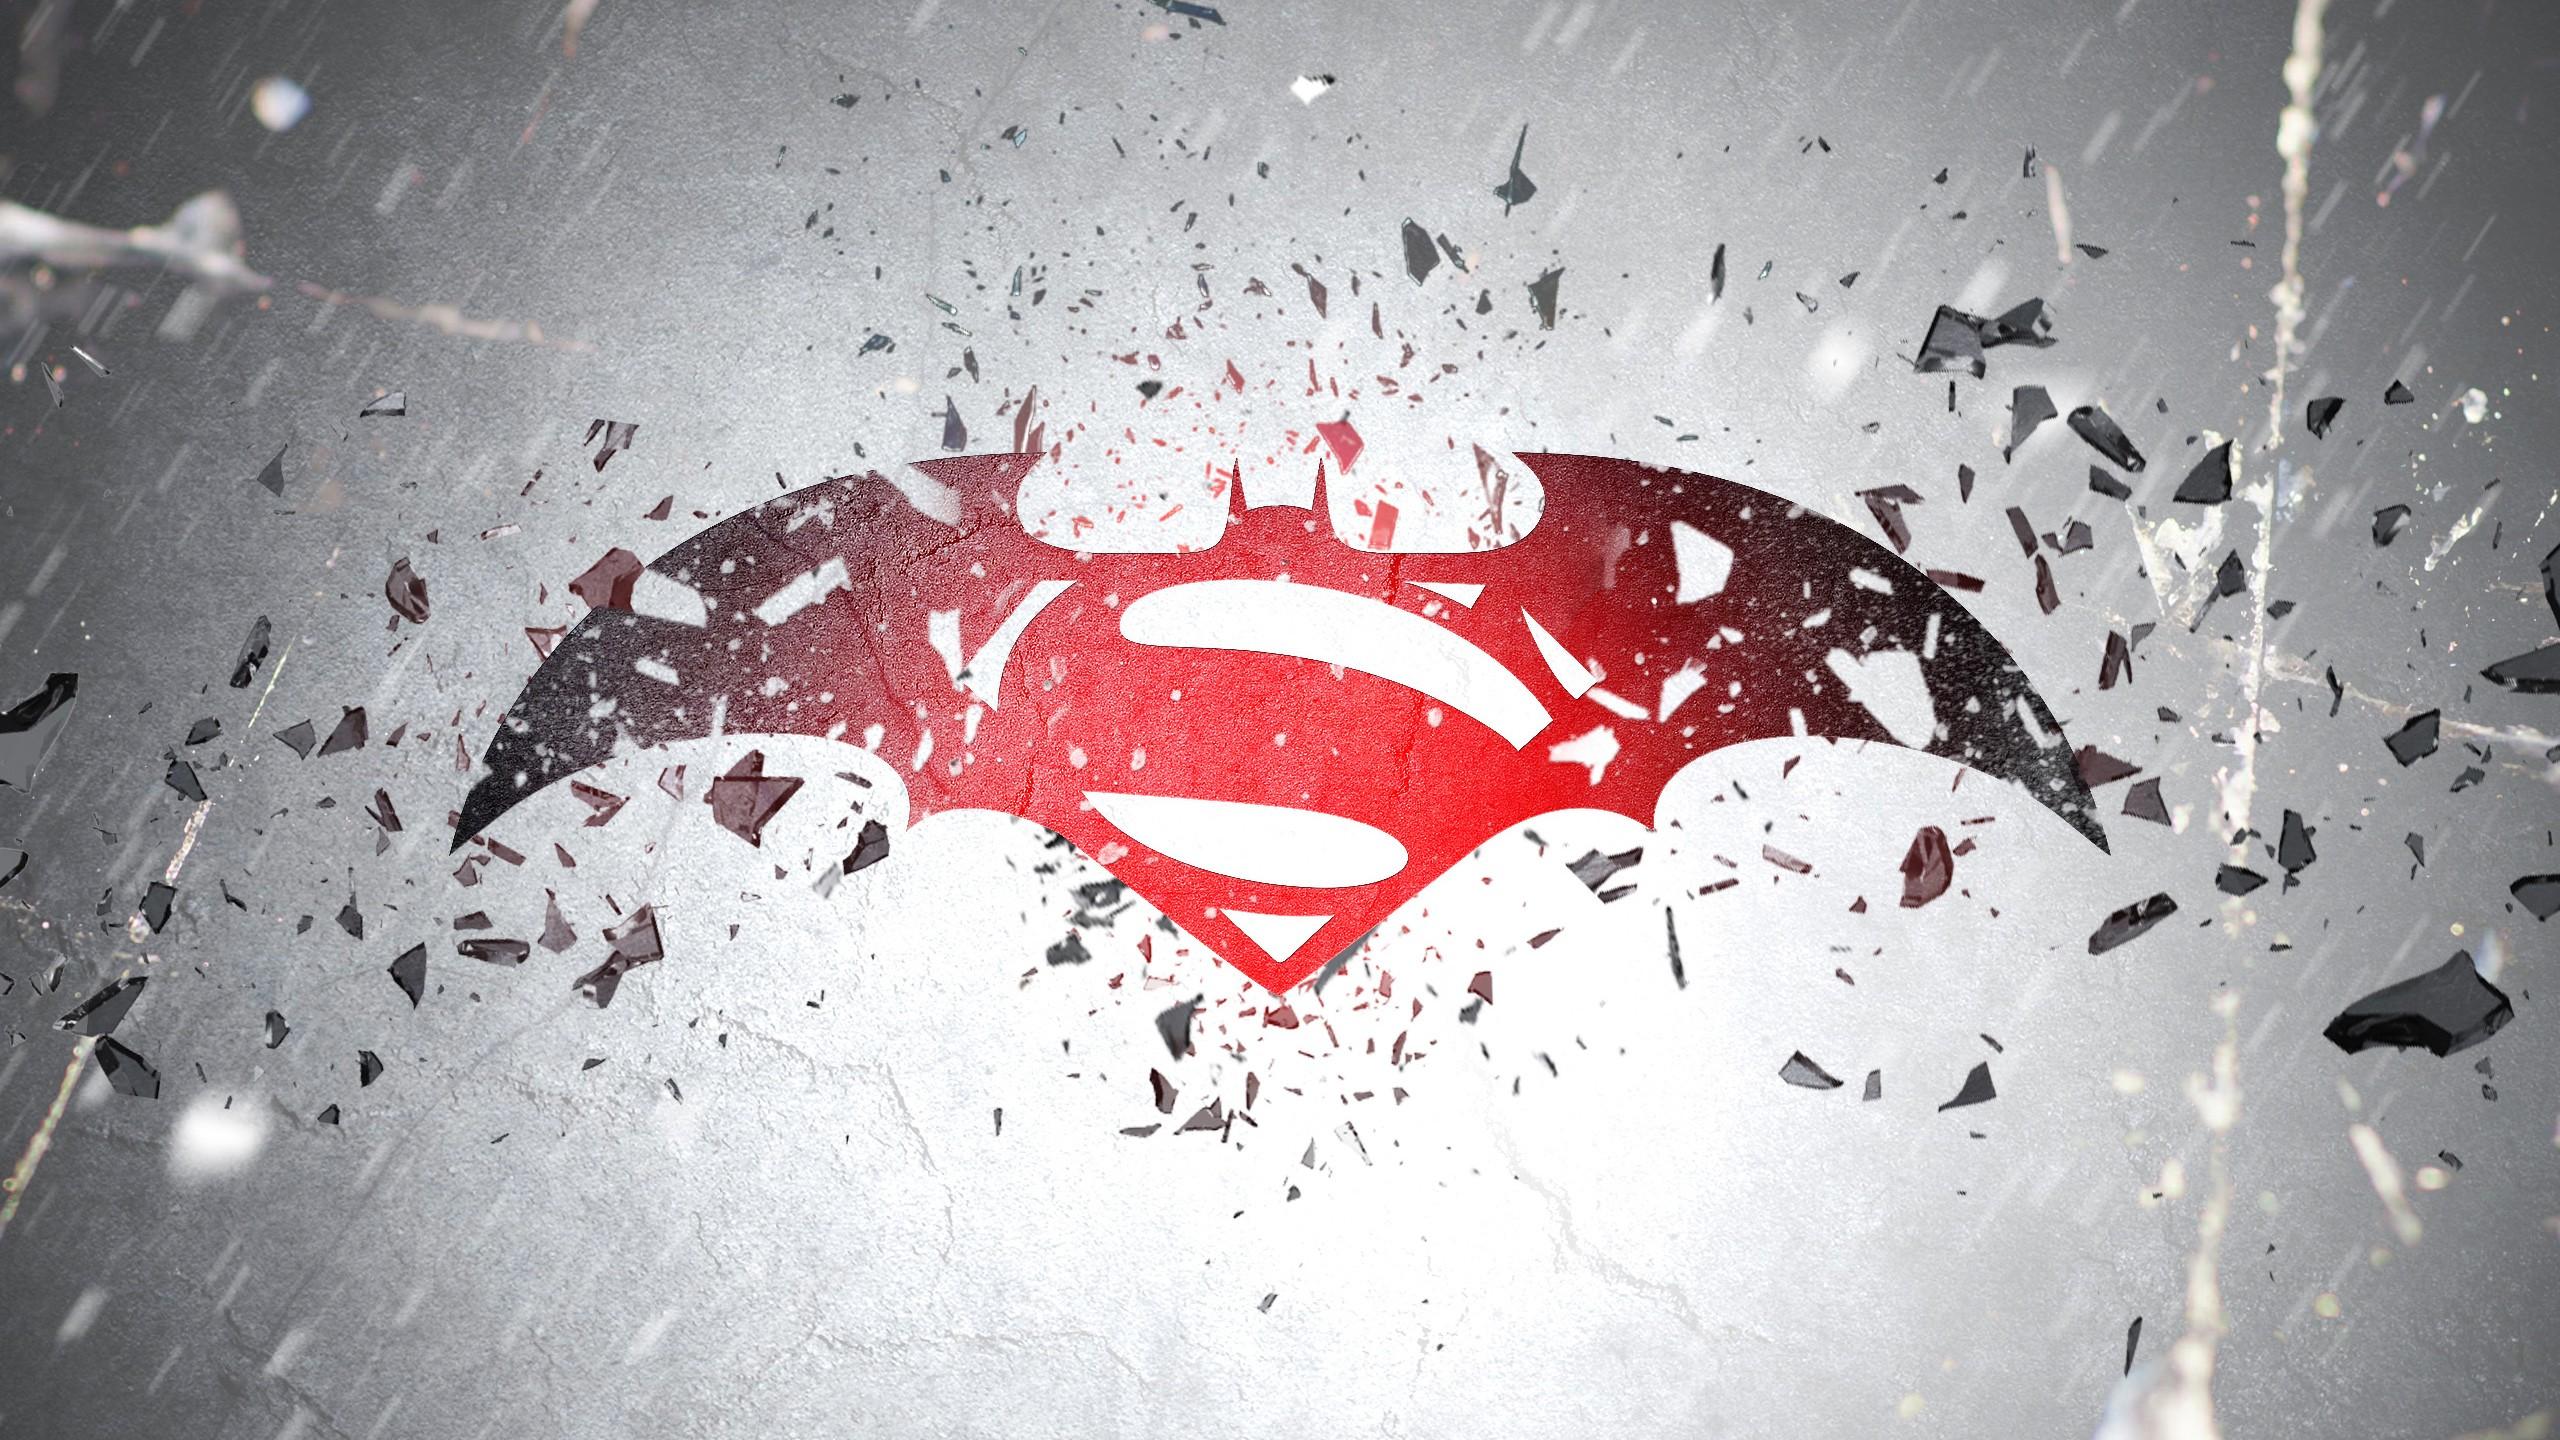 Superman 3d Wallpaper For Android Batman V Superman Wallpapers Hd Wallpapers Id 13595